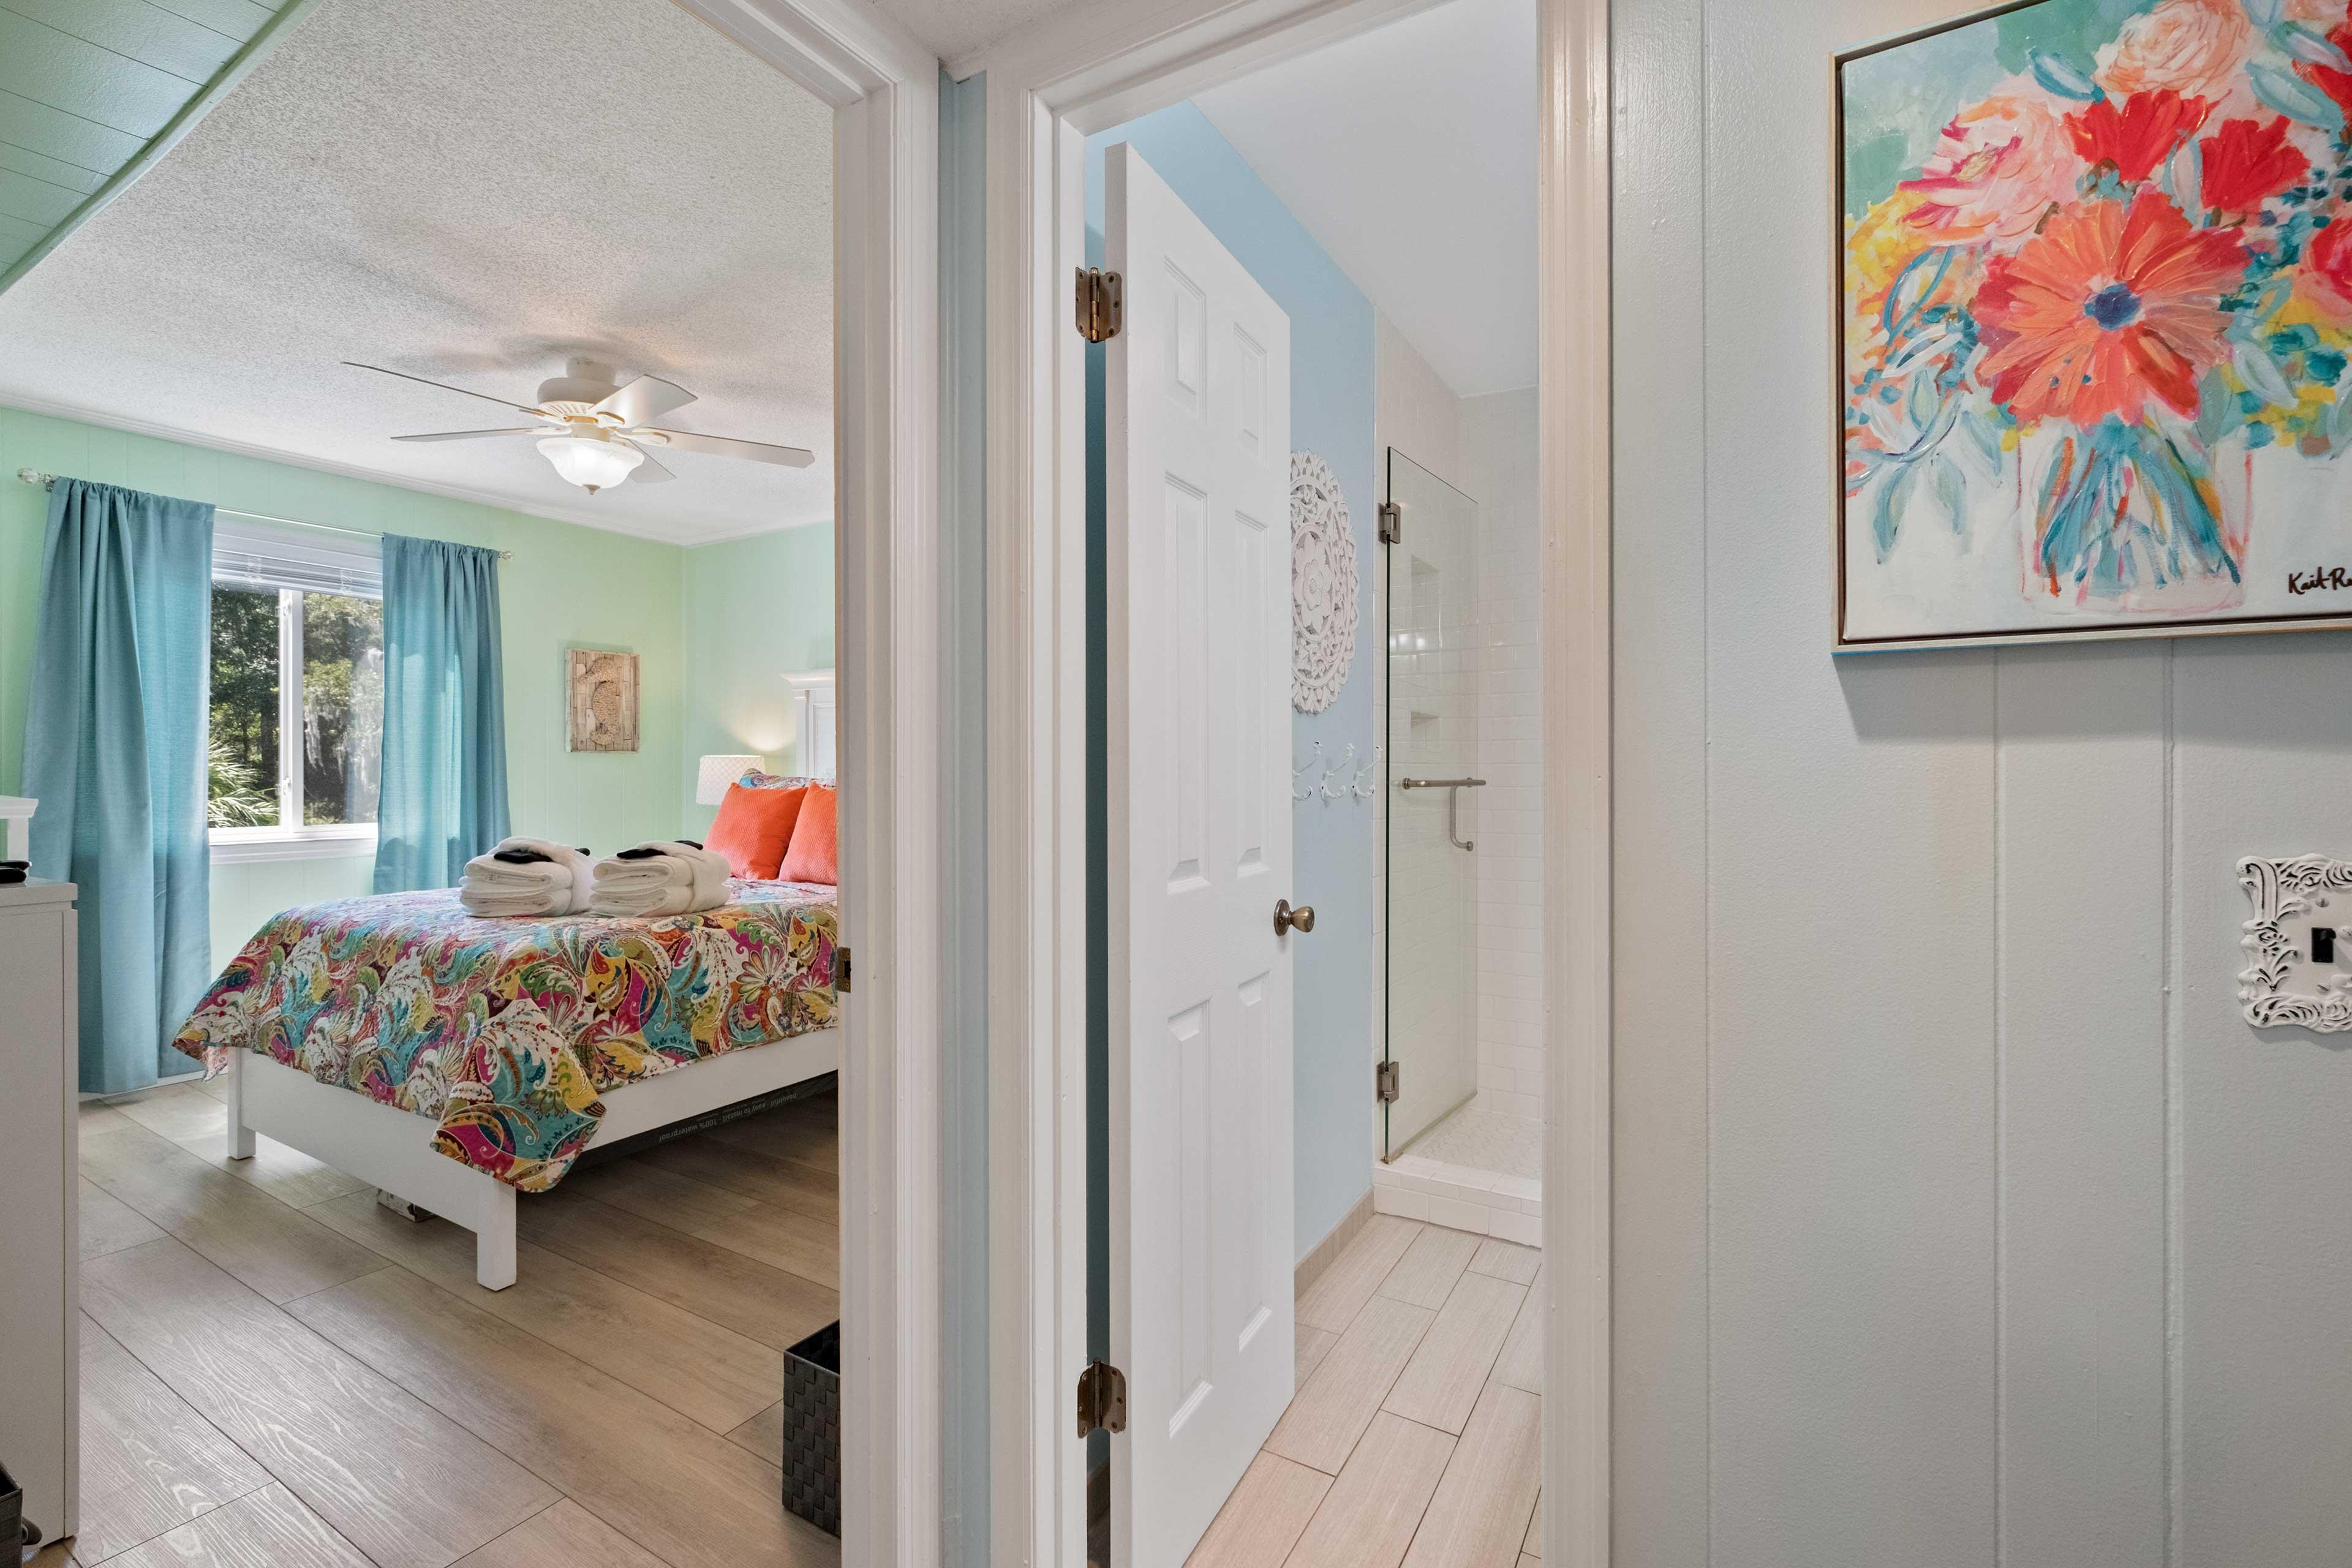 Hallway to Bedroom & Bathroom